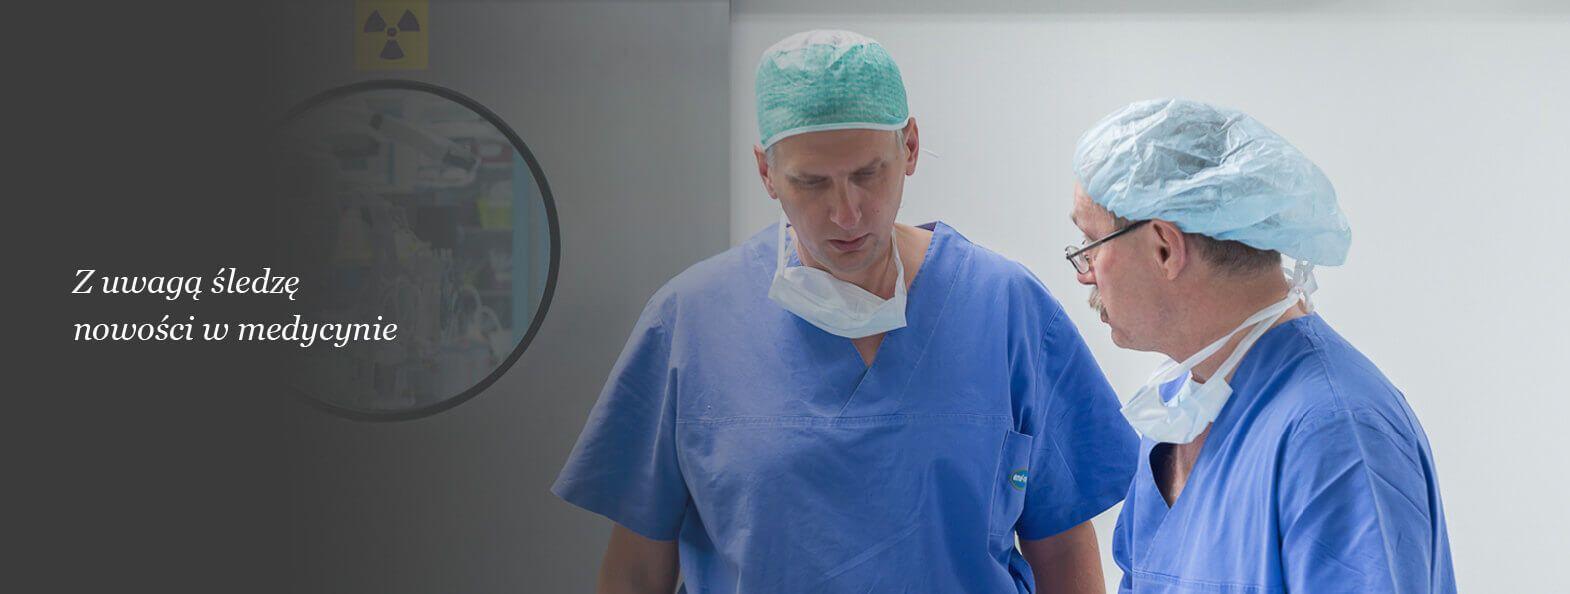 Rafał Mikusek - przed operacją